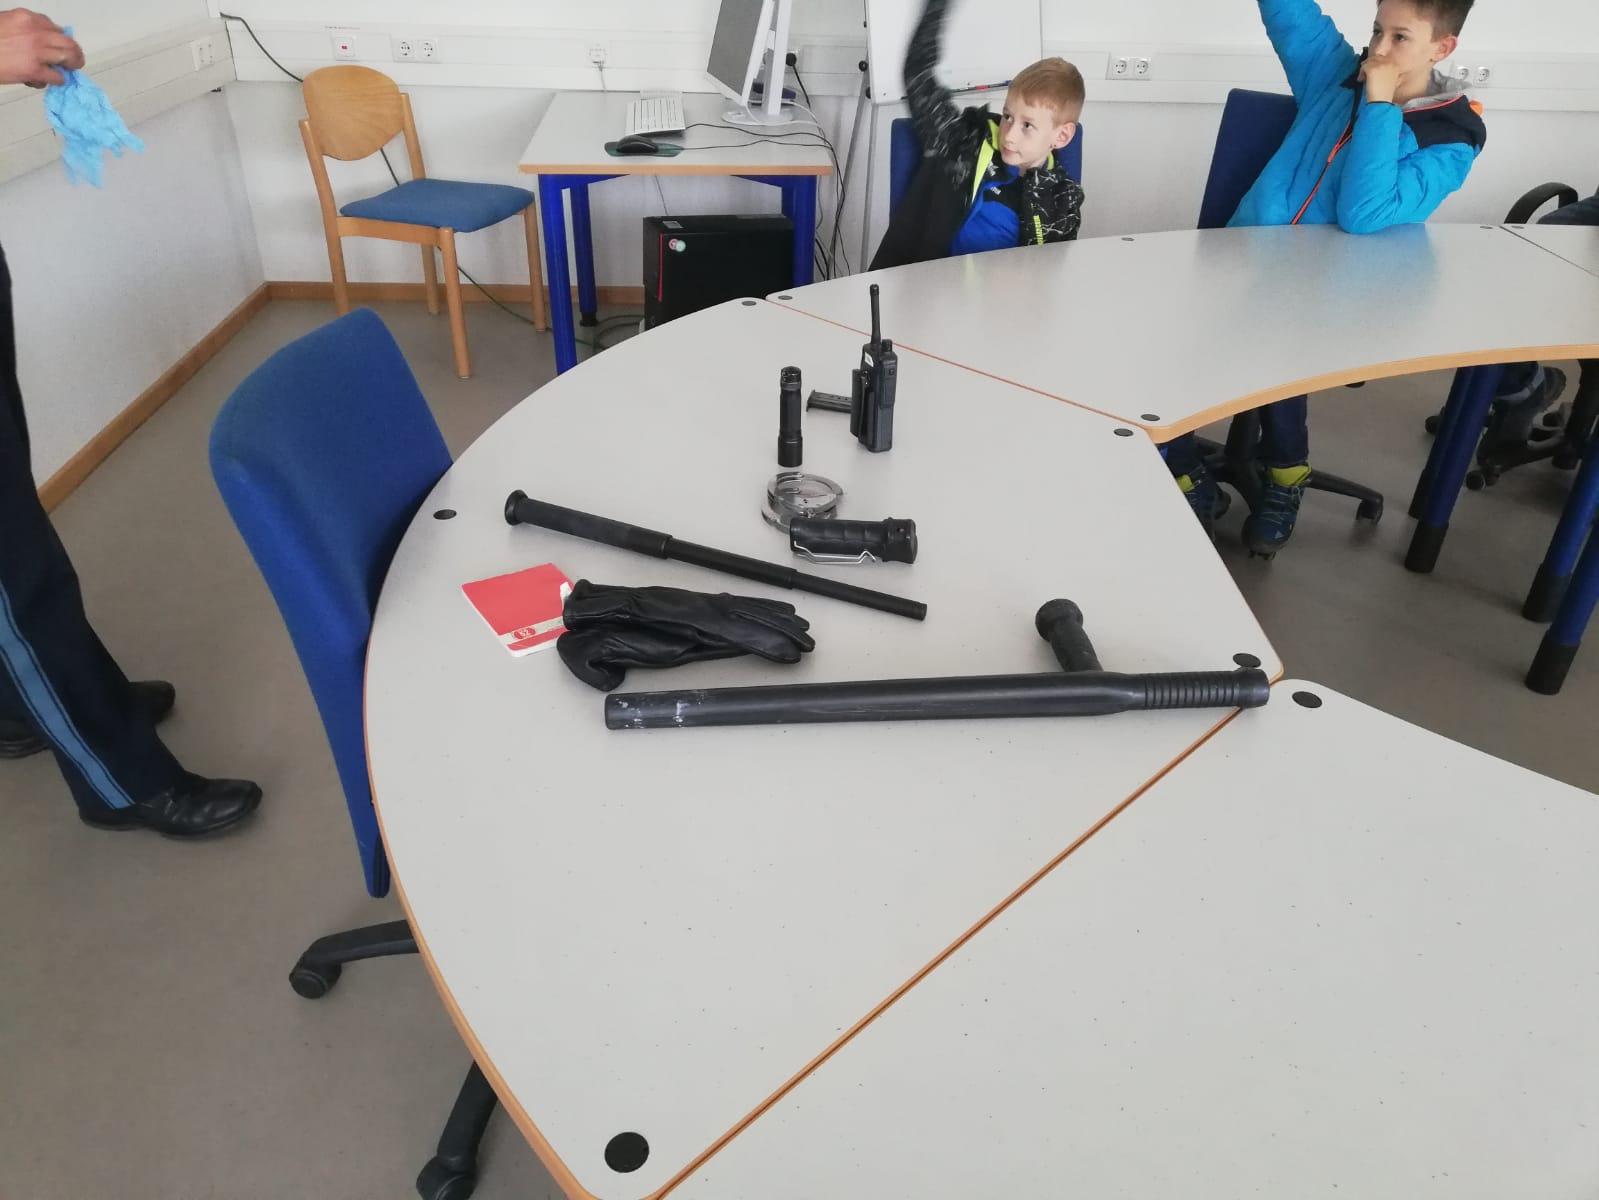 Kinderfeuerwehr – Ausrüstung der Polizei